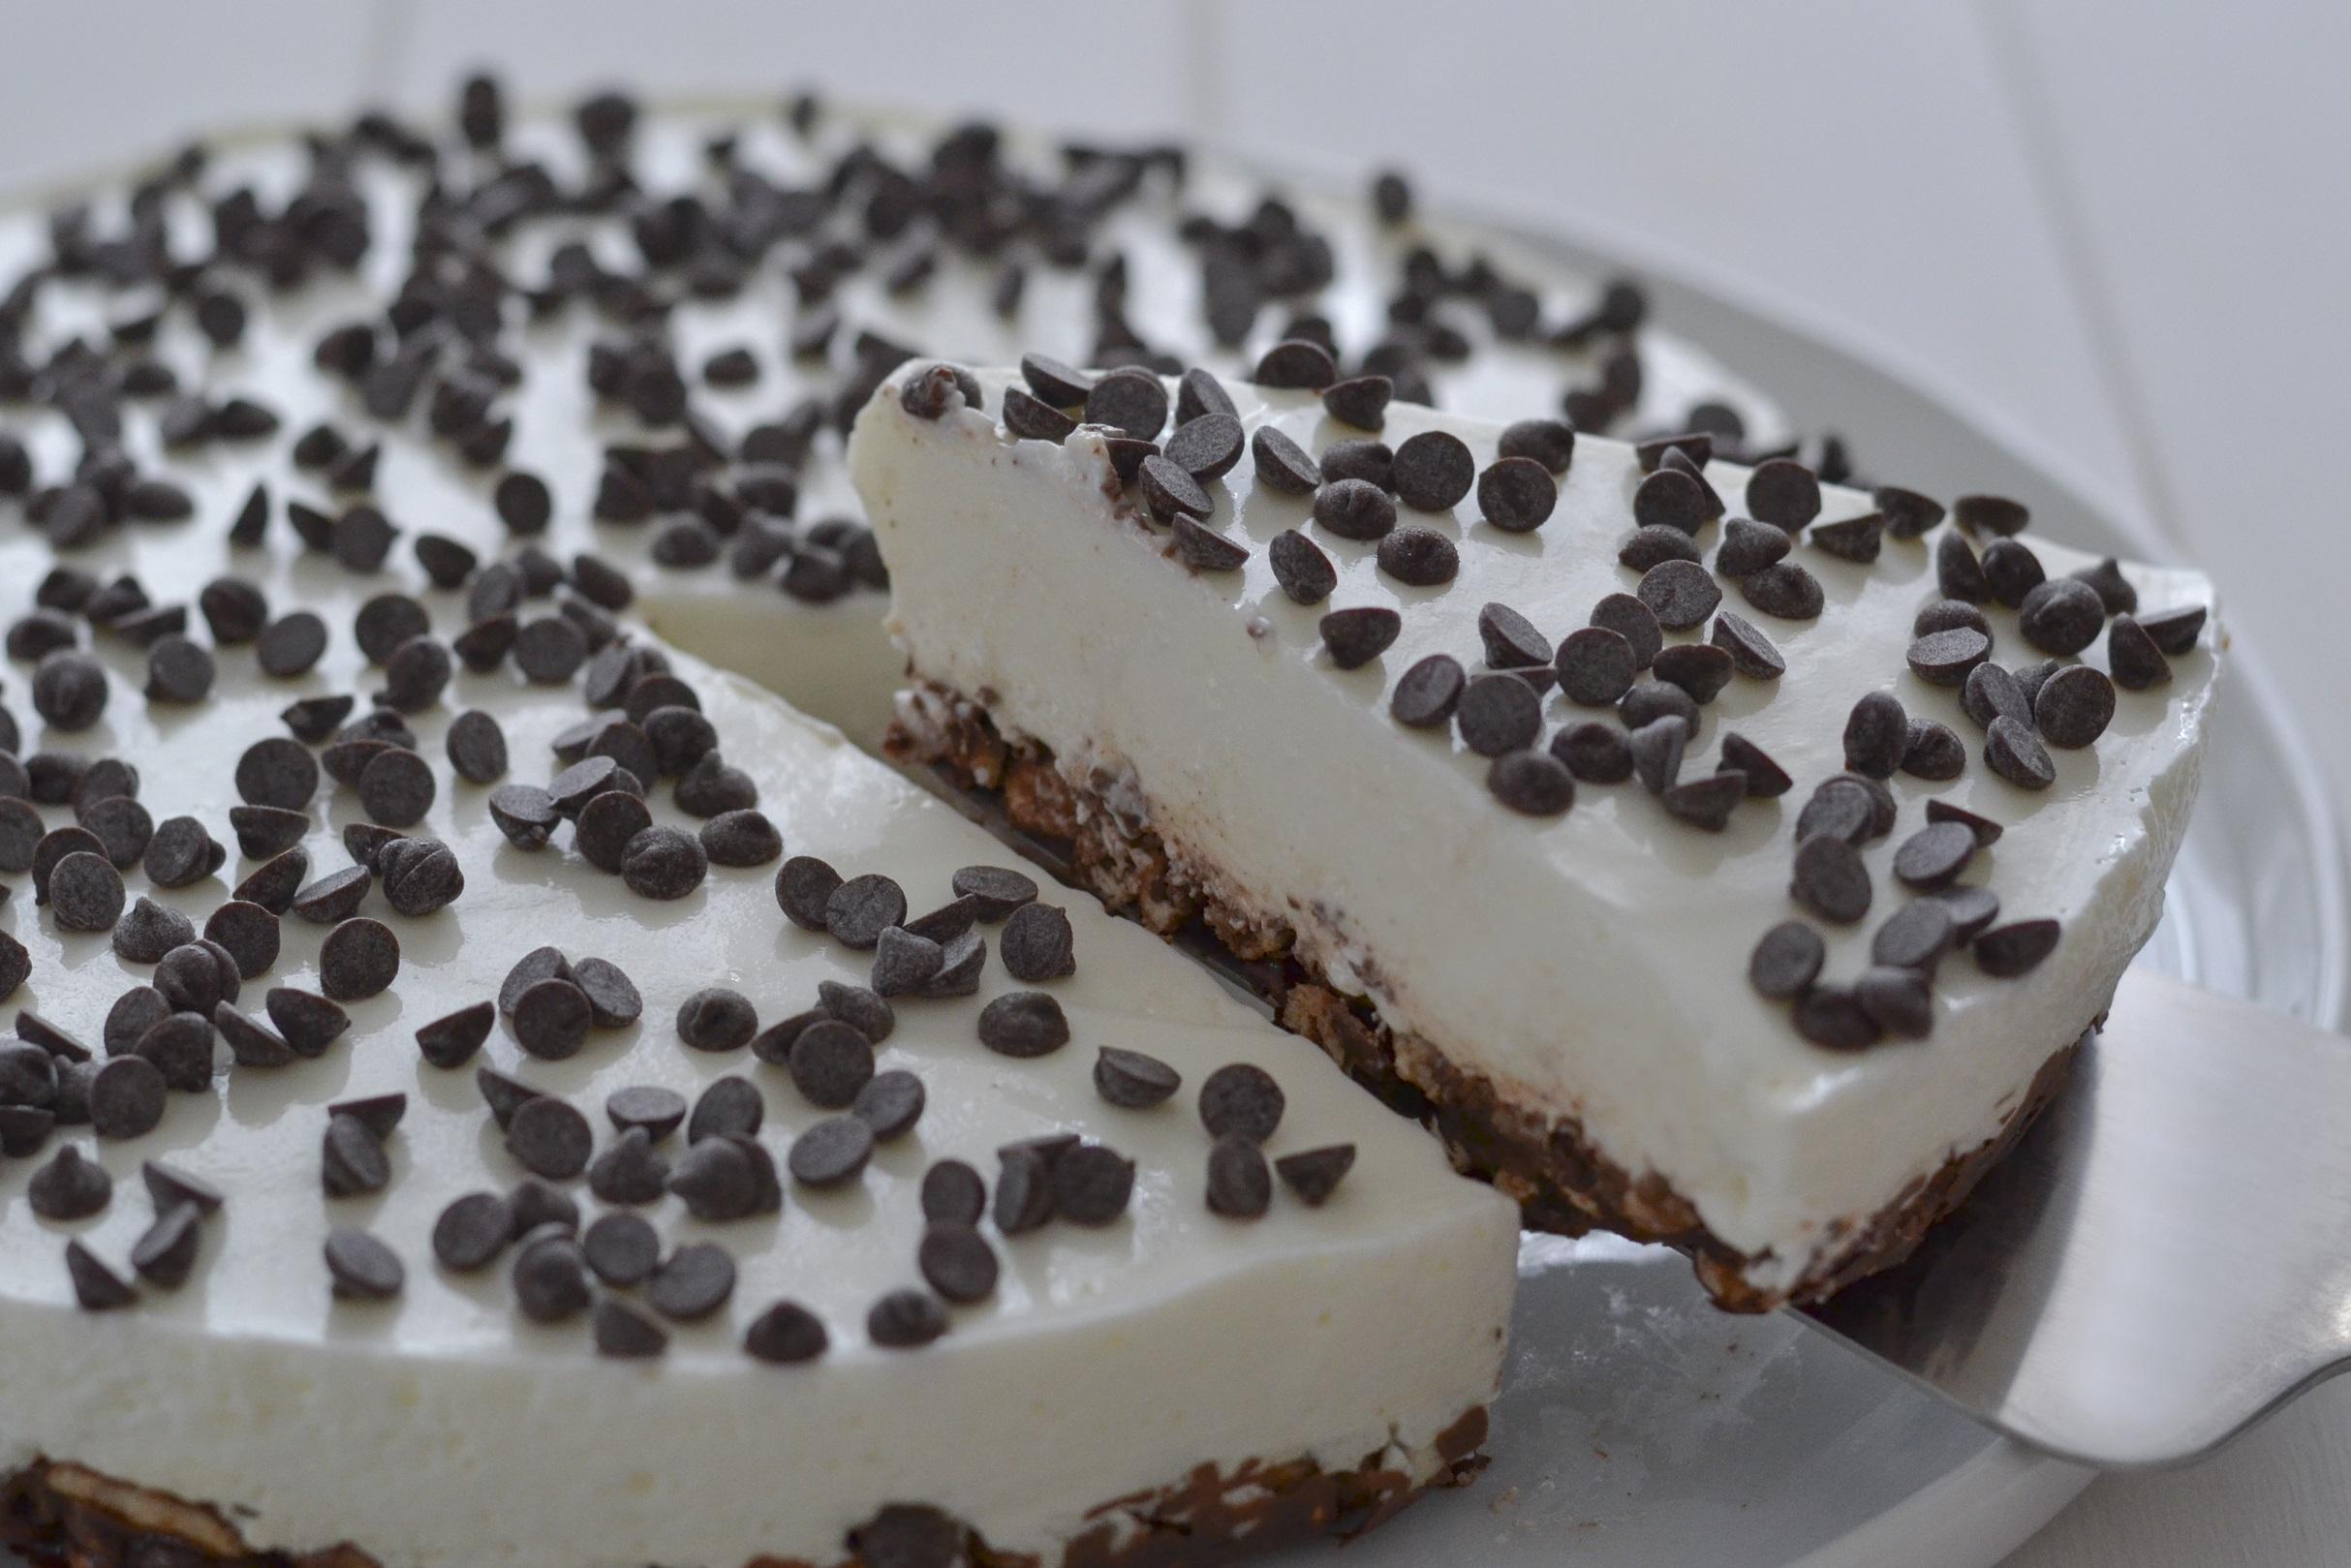 Ricetta Torta Yogurt Greco E Cioccolato.Torta Fredda Allo Yogurt Greco E Cioccolato Ricetta